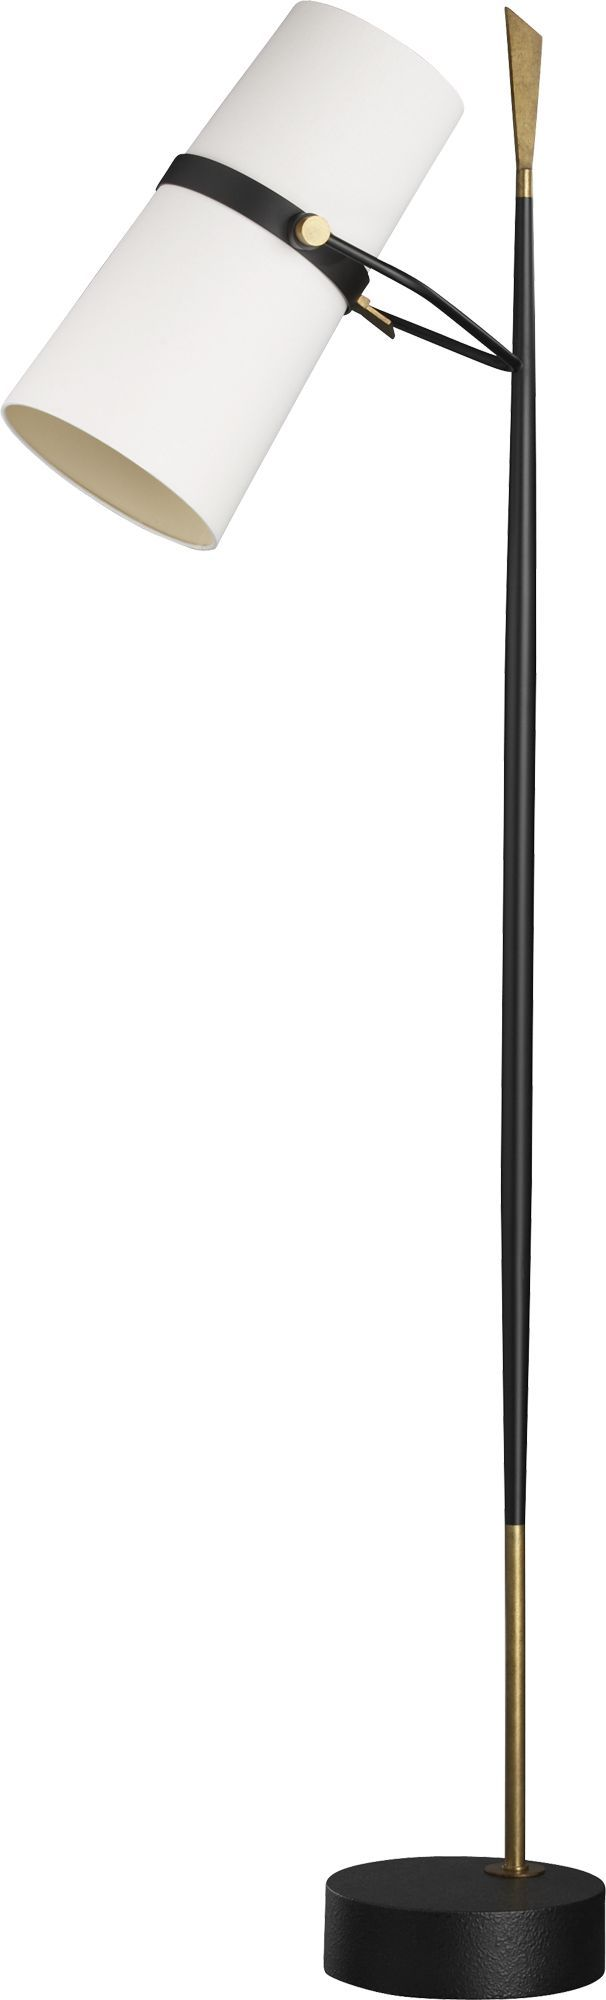 Riston Floor Lamp   Lighting Fixtures   Floor lamp, Modern ... on Riston Floor Lamp  id=20513